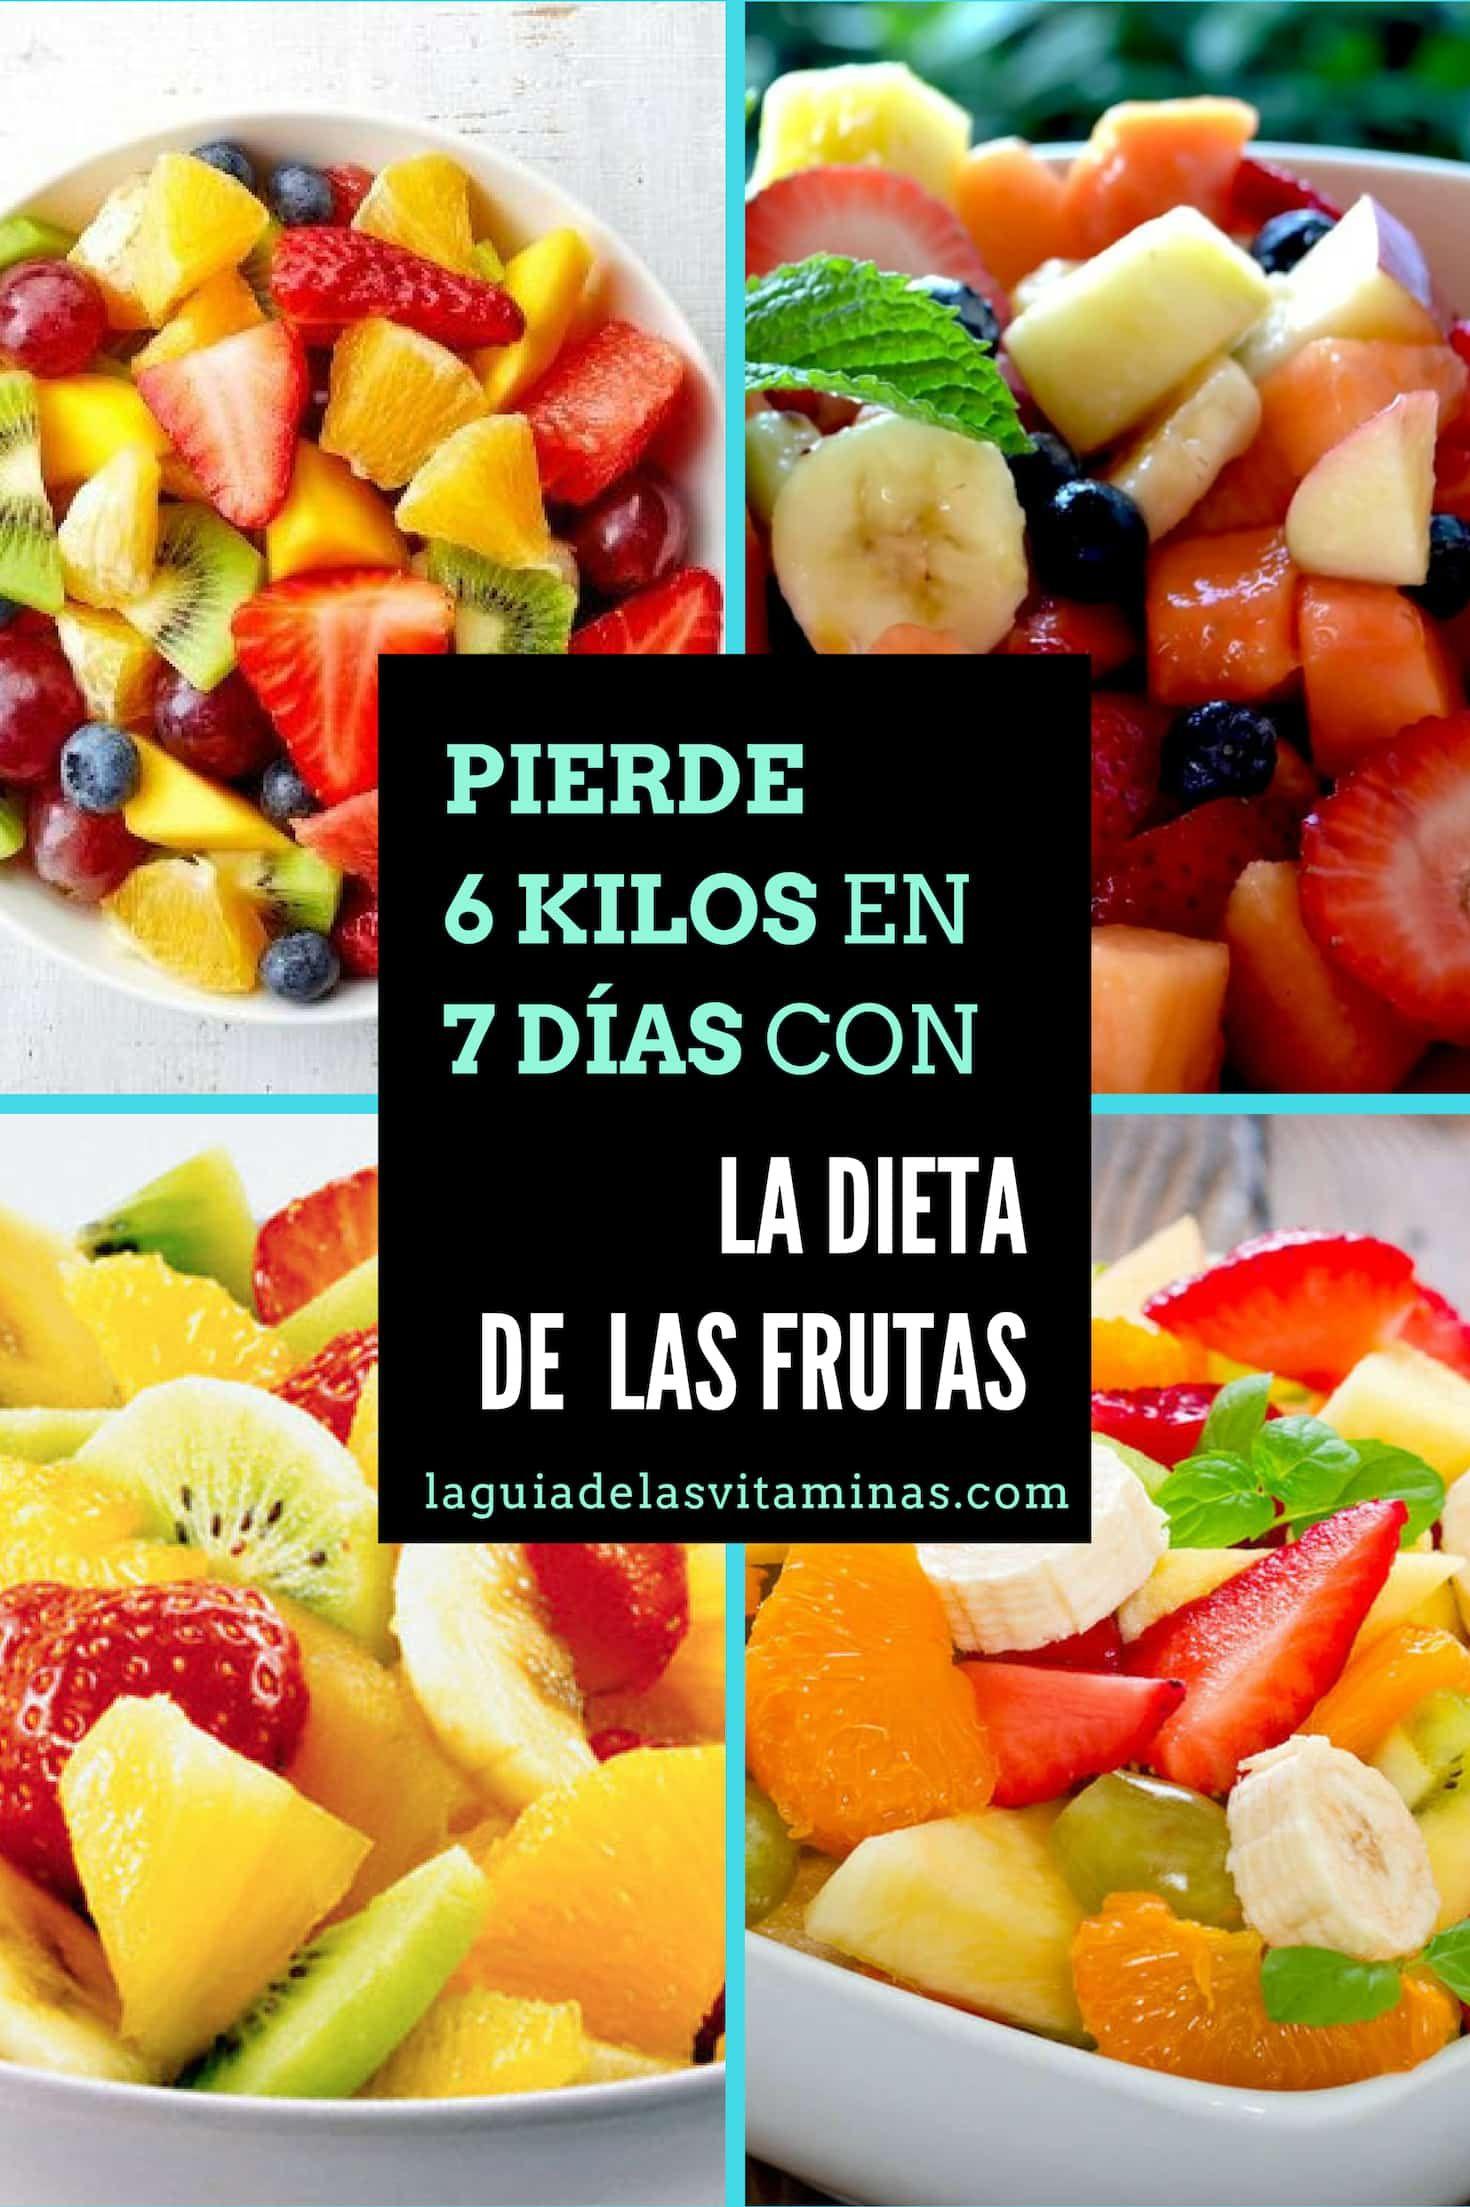 dieta para bajar de peso con vitaminas